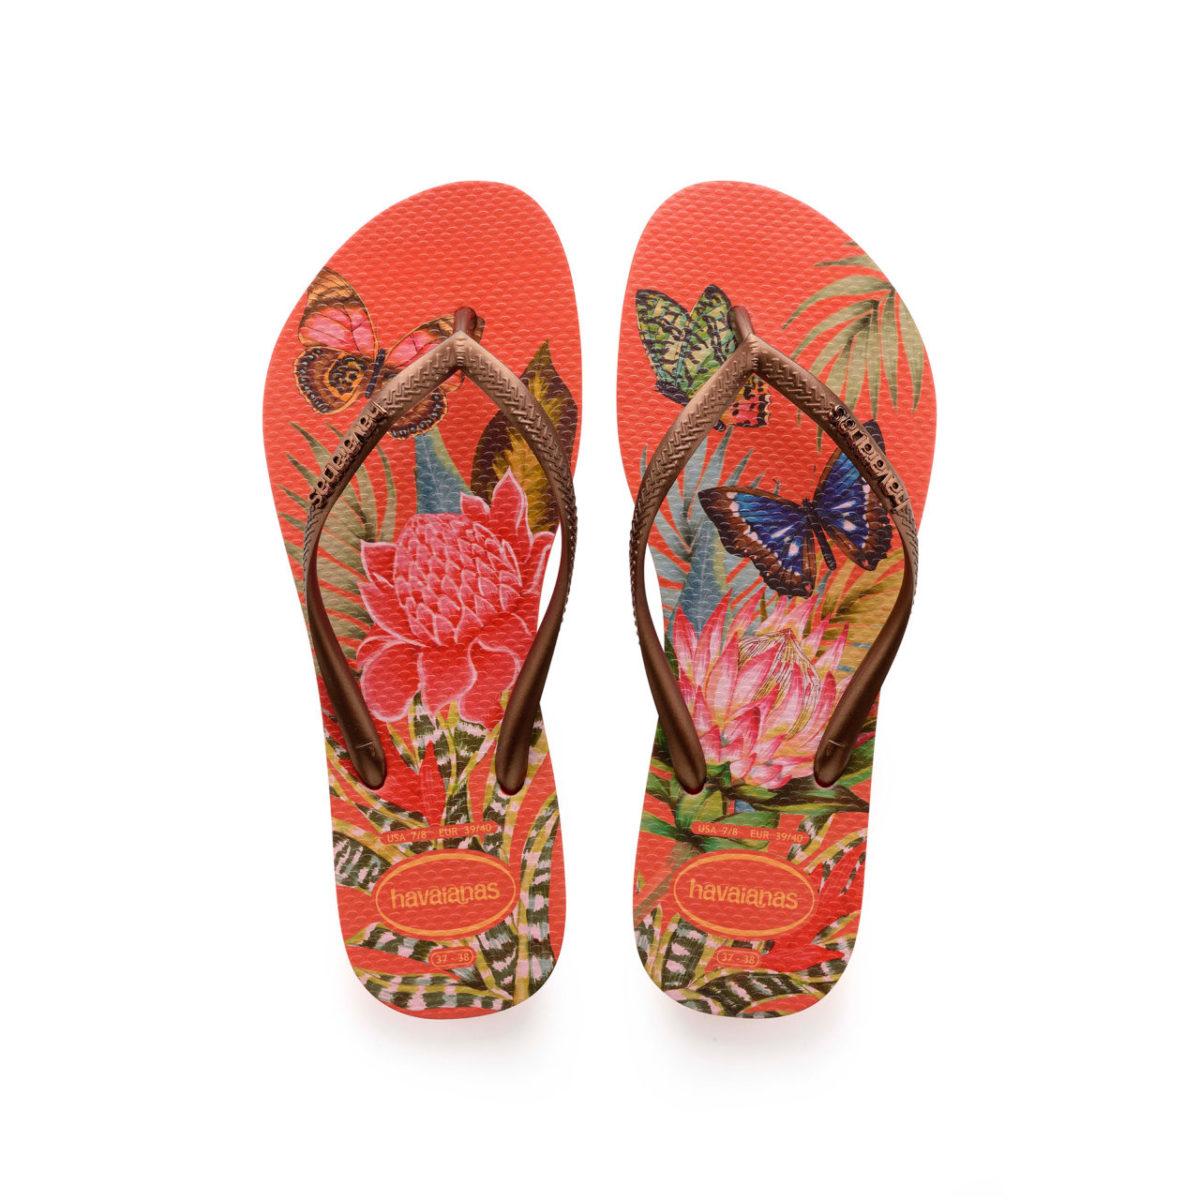 Havaianas Flipflops Sandale Badeschuh Zehentrenner Slim Tropical Strawberry Badelatschen Badeschlappen Aufsicht